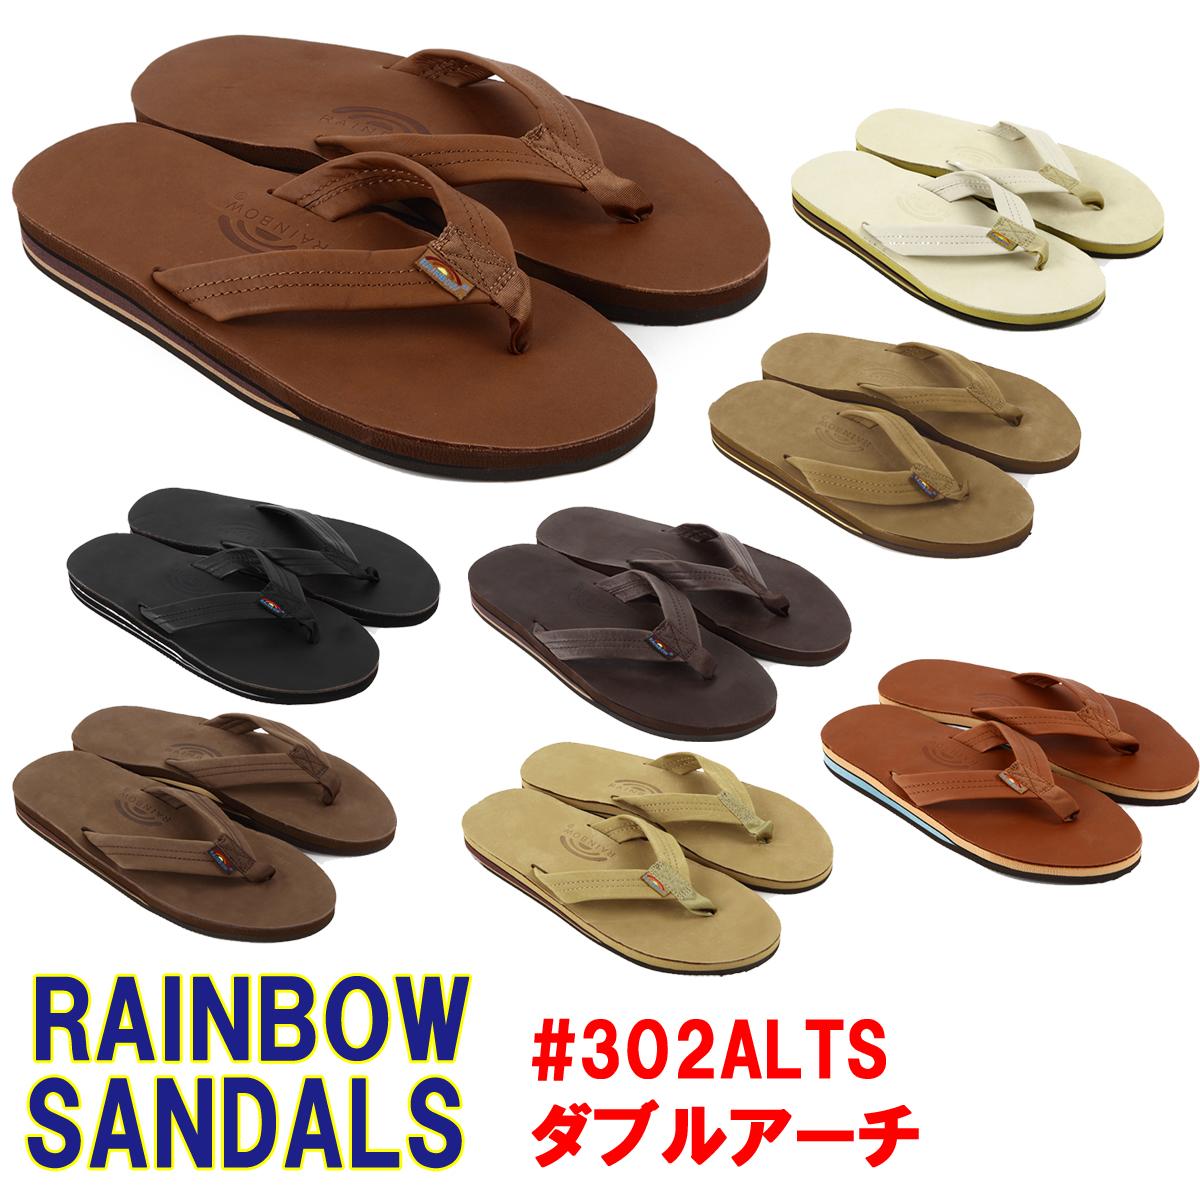 a6119153a9aa leicester  Rainbow sandals